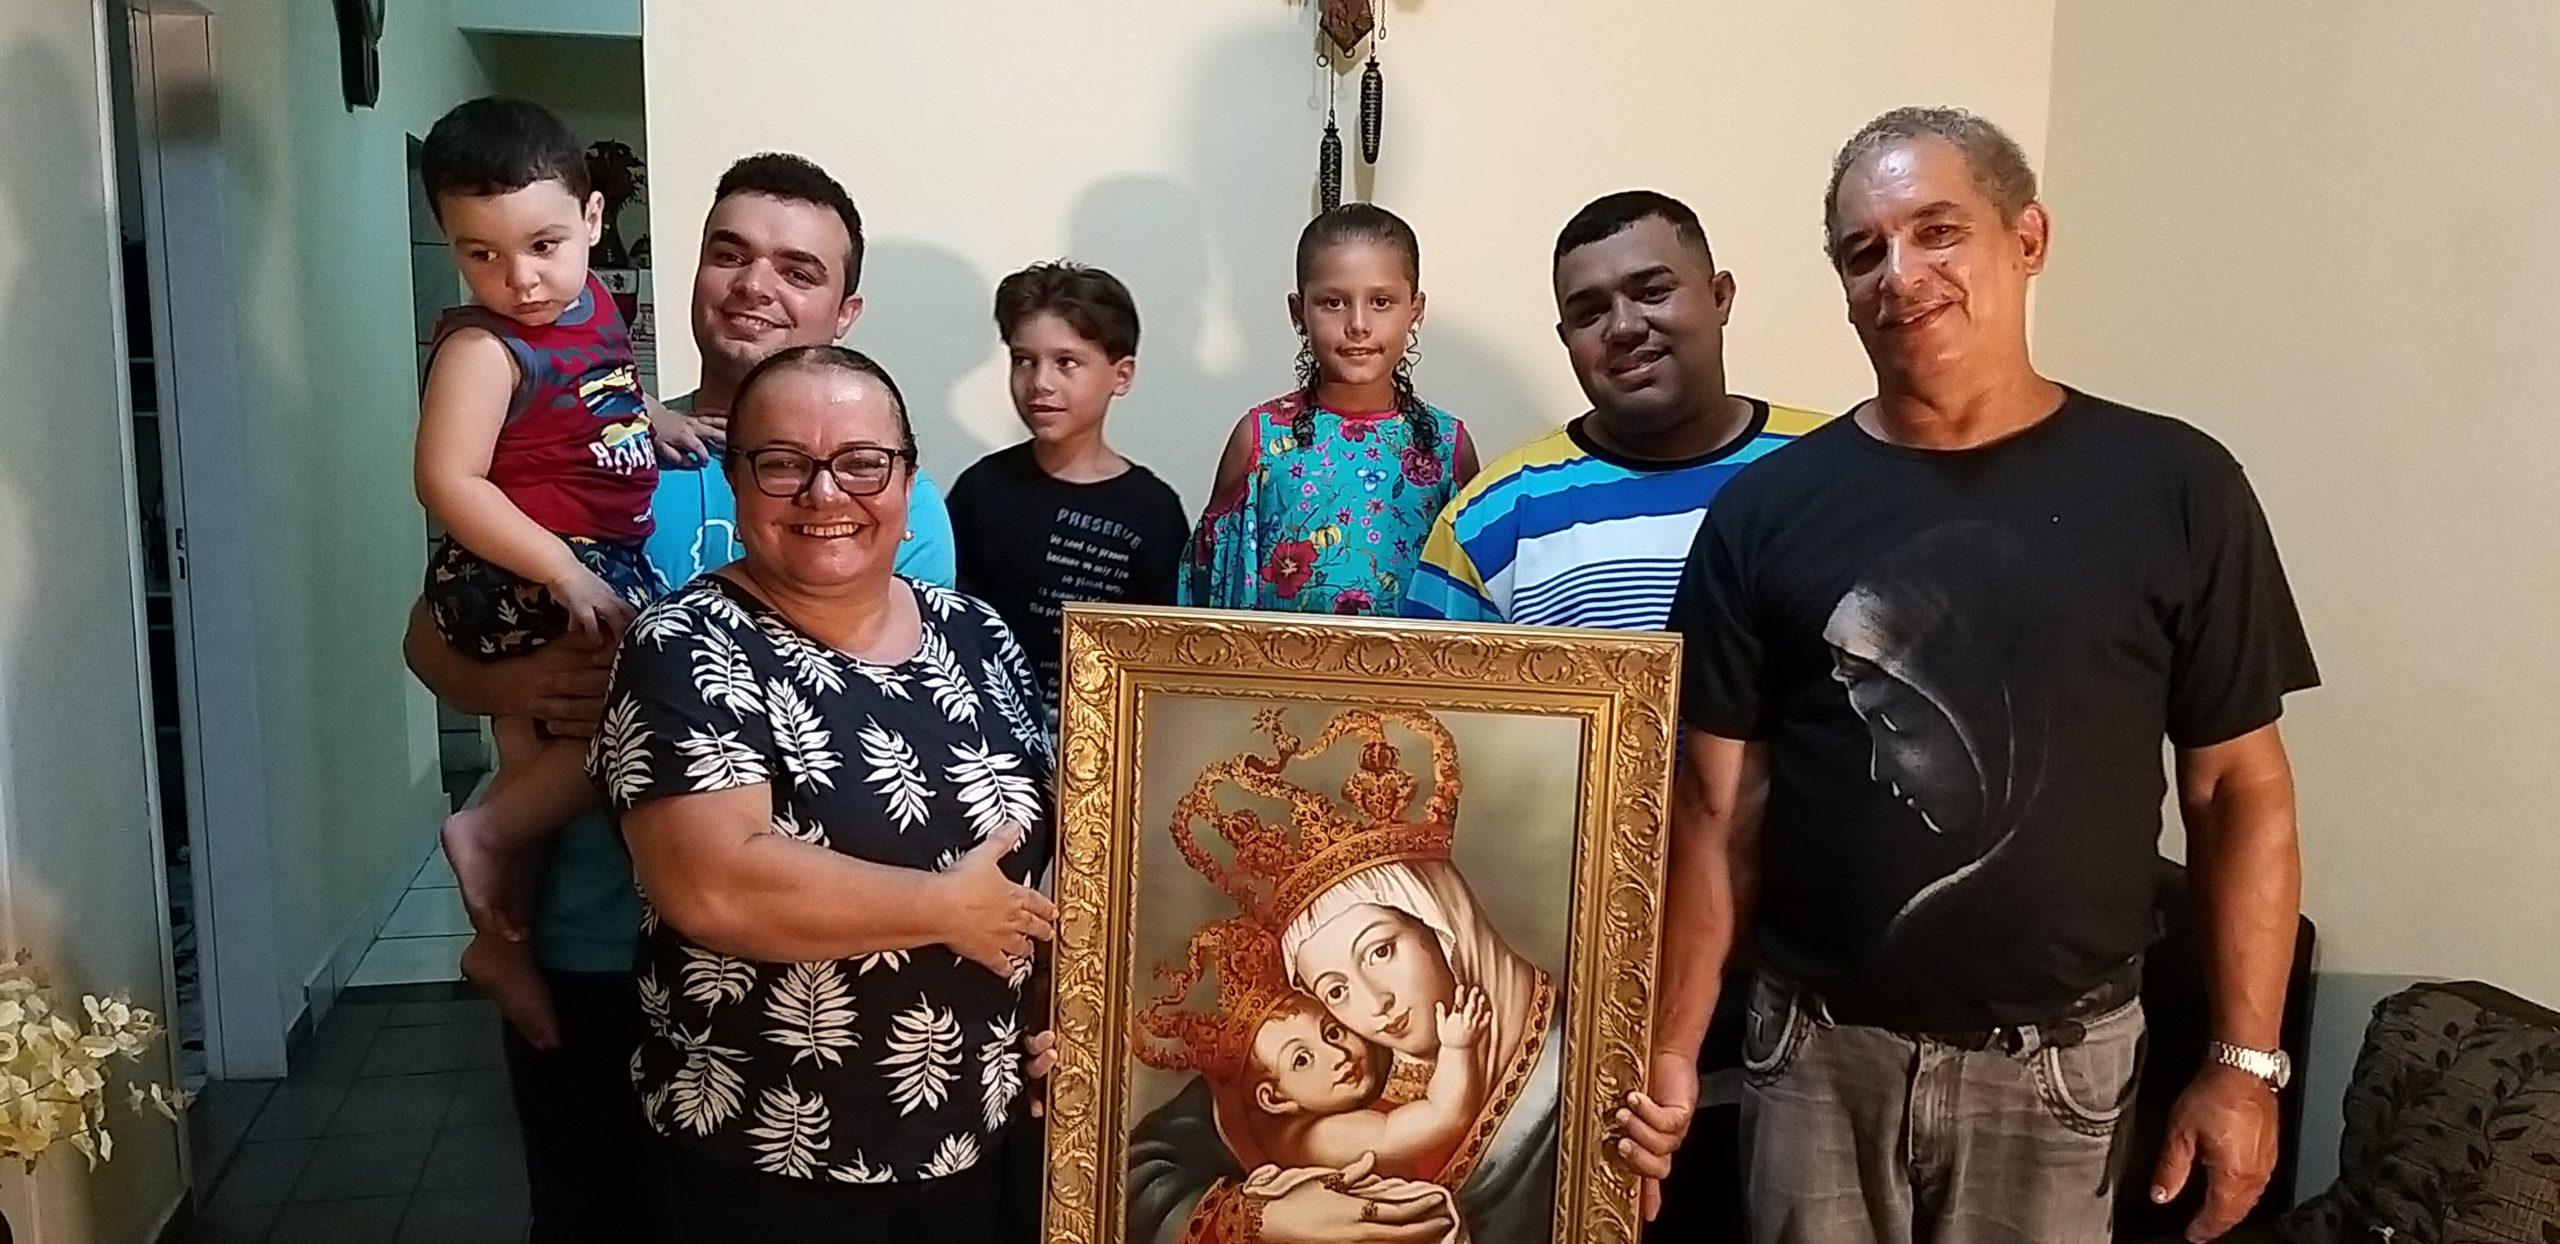 Família reunida para rezar é sinal da presença de Deus